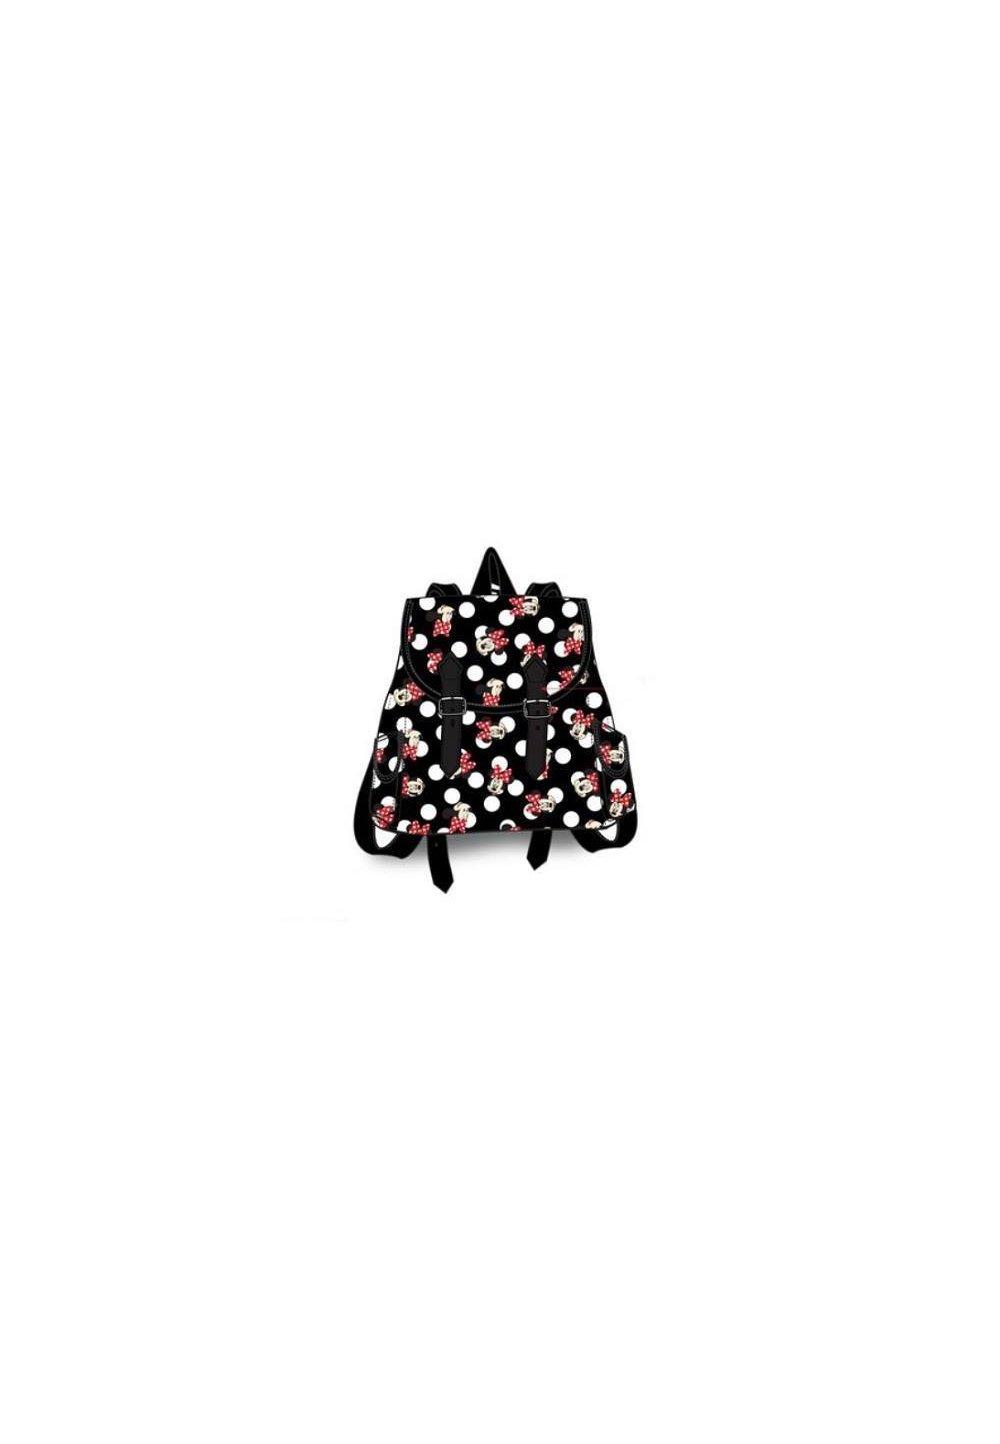 Ghiozdan, Minnie Mouse, Negru Cu Print, 25 X 19 X 9 Cm